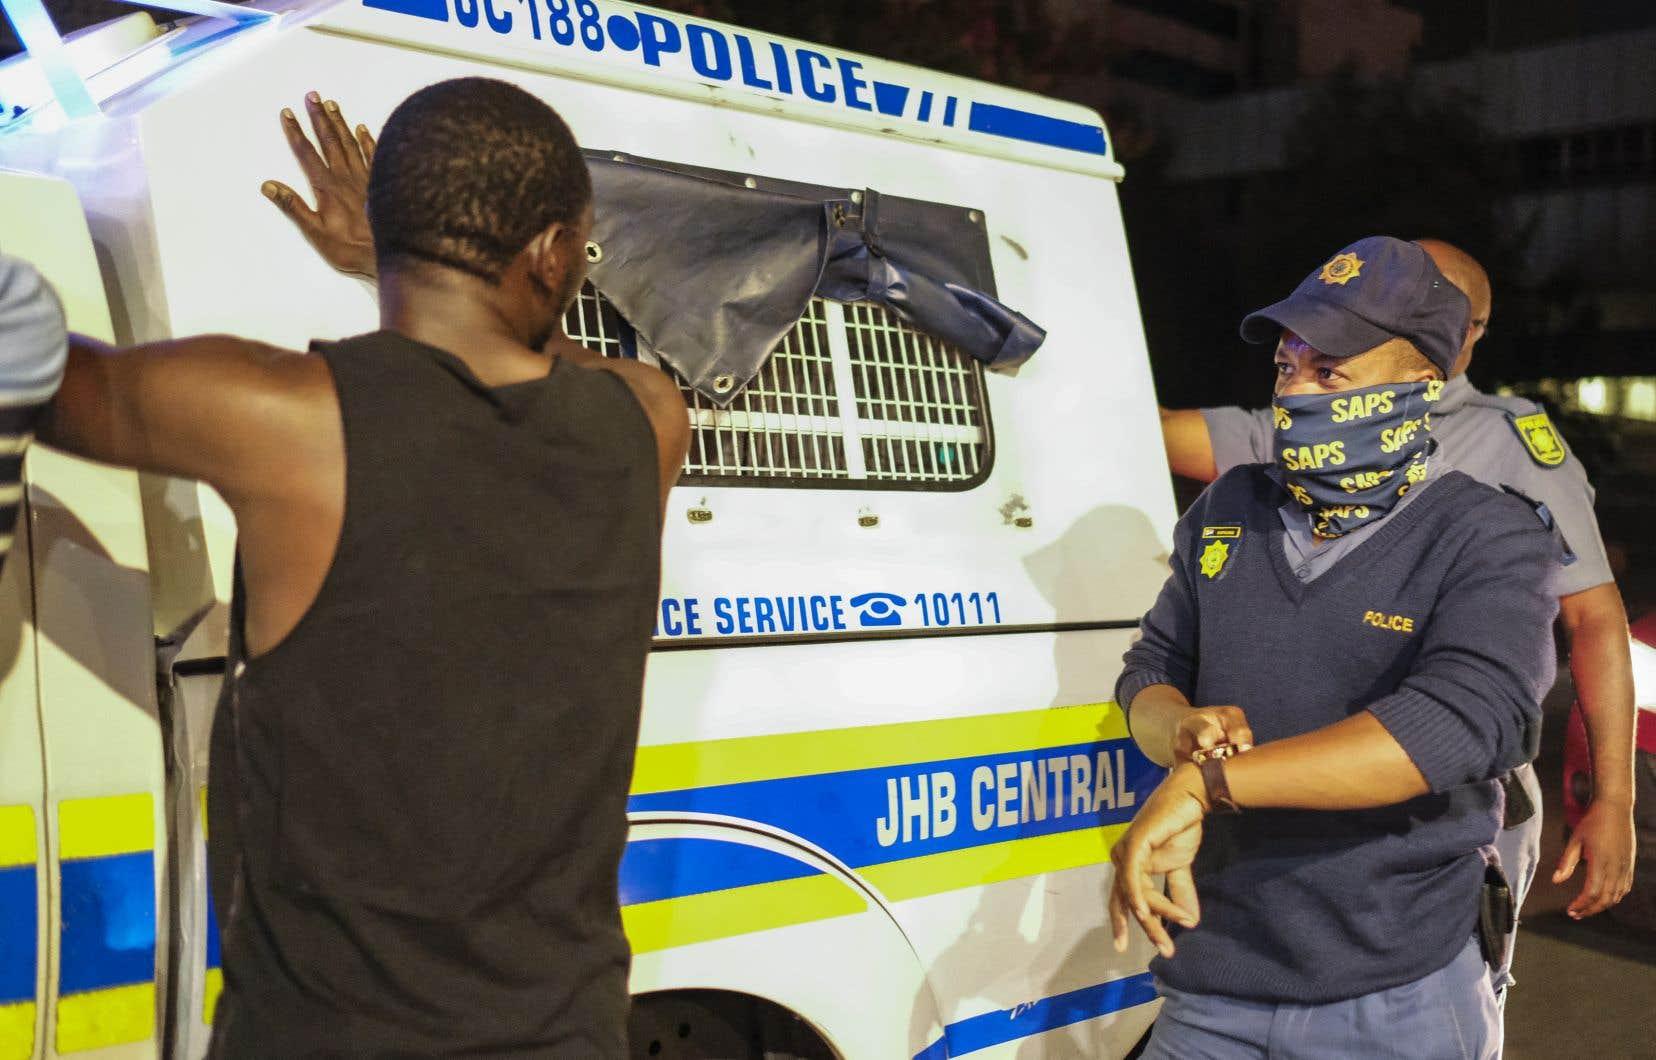 Un homme est arrêté par des policiers pour ne pas avoir respecté le couvre-feu en vigueur dès 21h00.